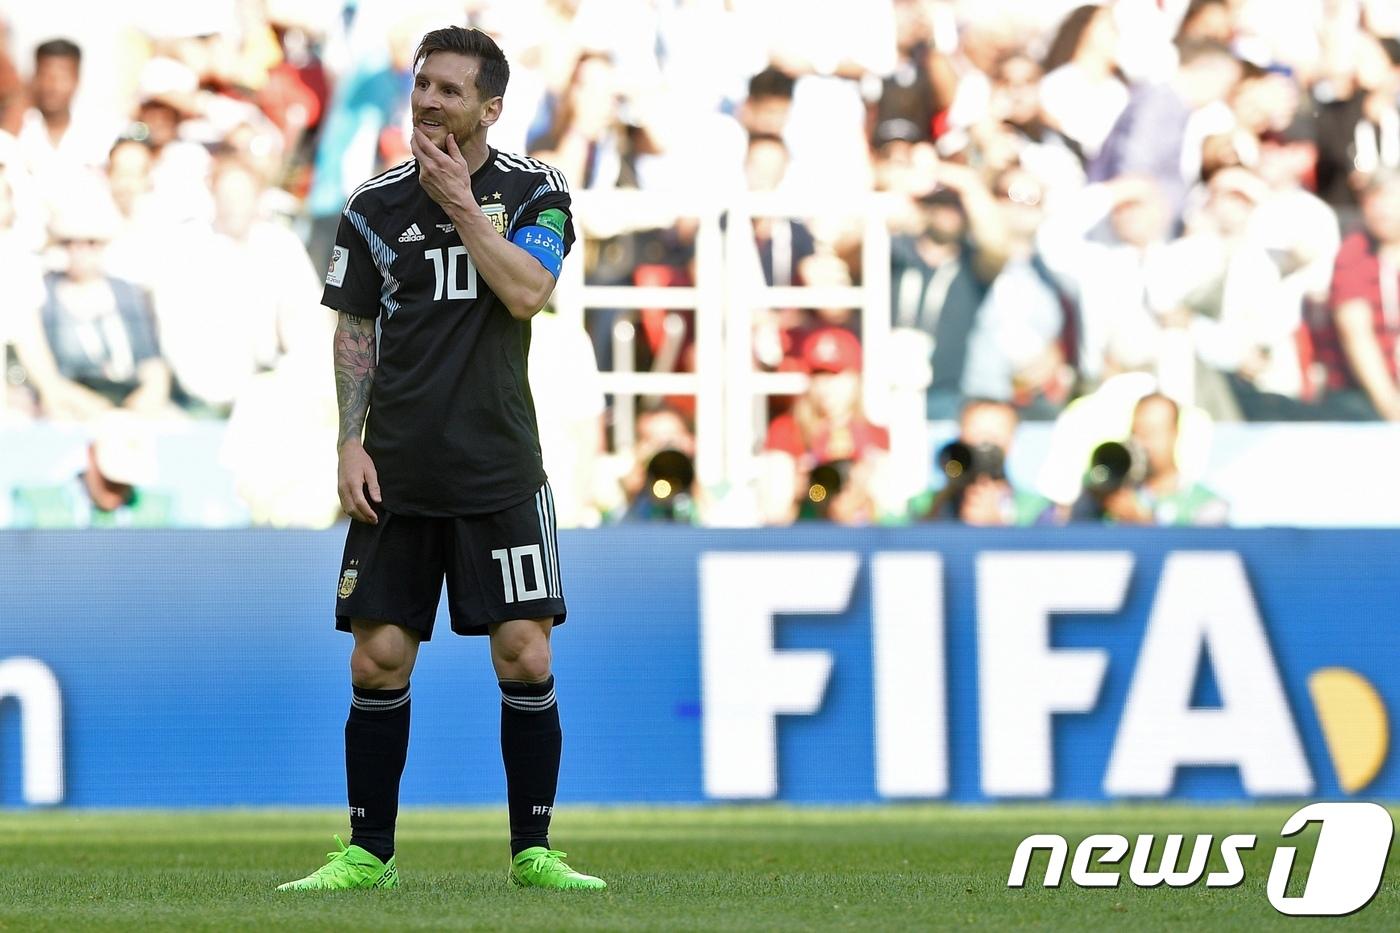 'PK 실축' 메시, 계속된 월드컵 악연